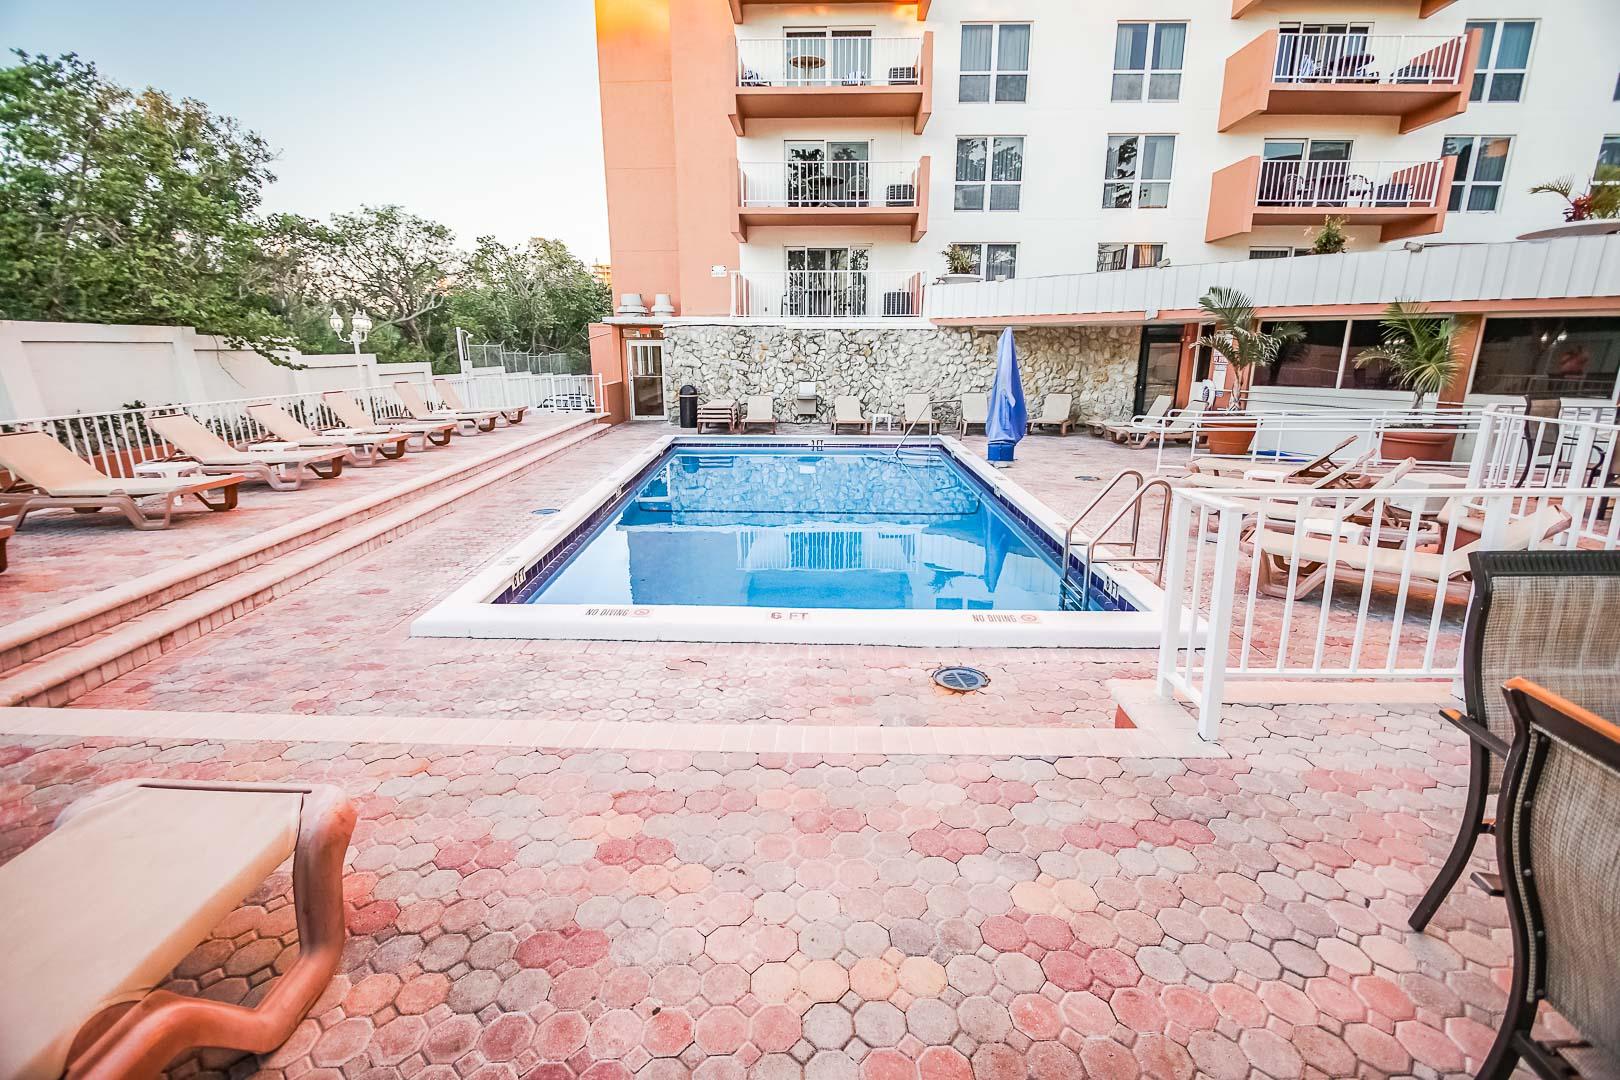 The pool deck at VRI's Ft. Lauderdale Beach Resort in Florida.